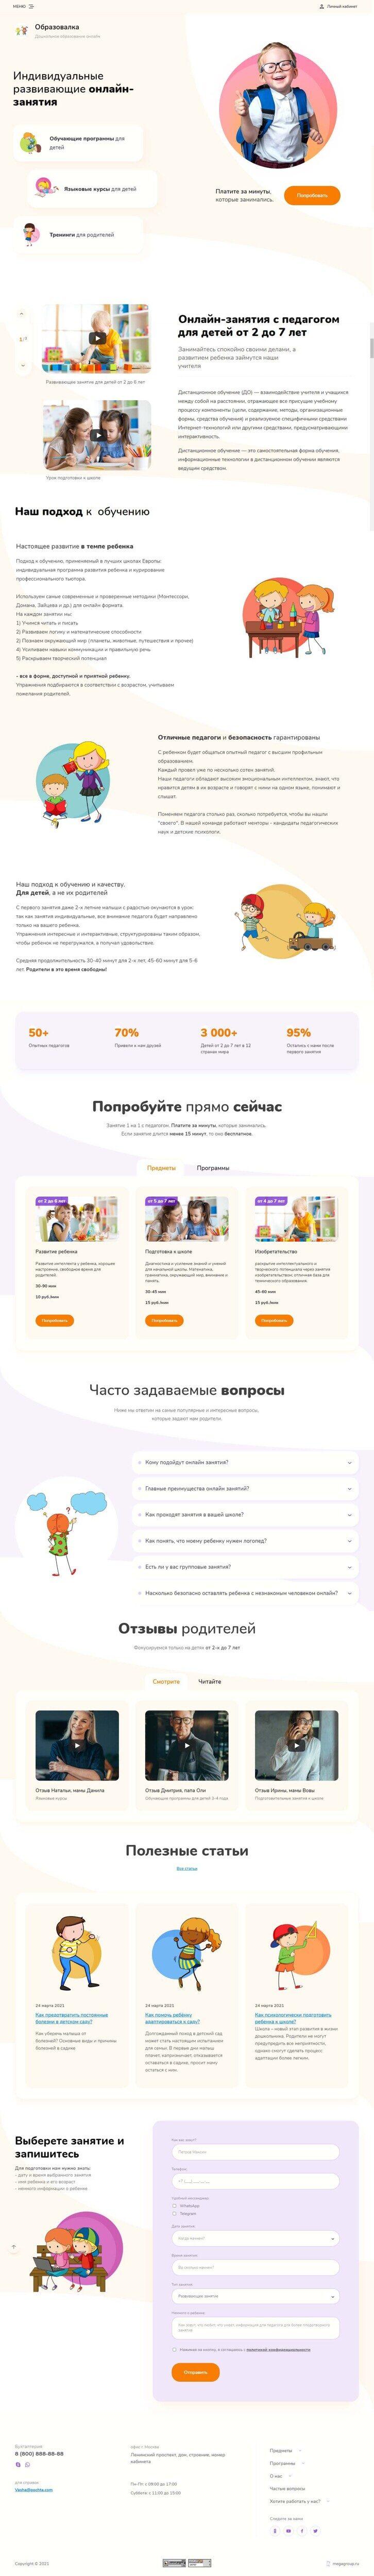 Готовый Сайт-Бизнес № 3011105 - Сайт центра дошкольного образования (Главная)